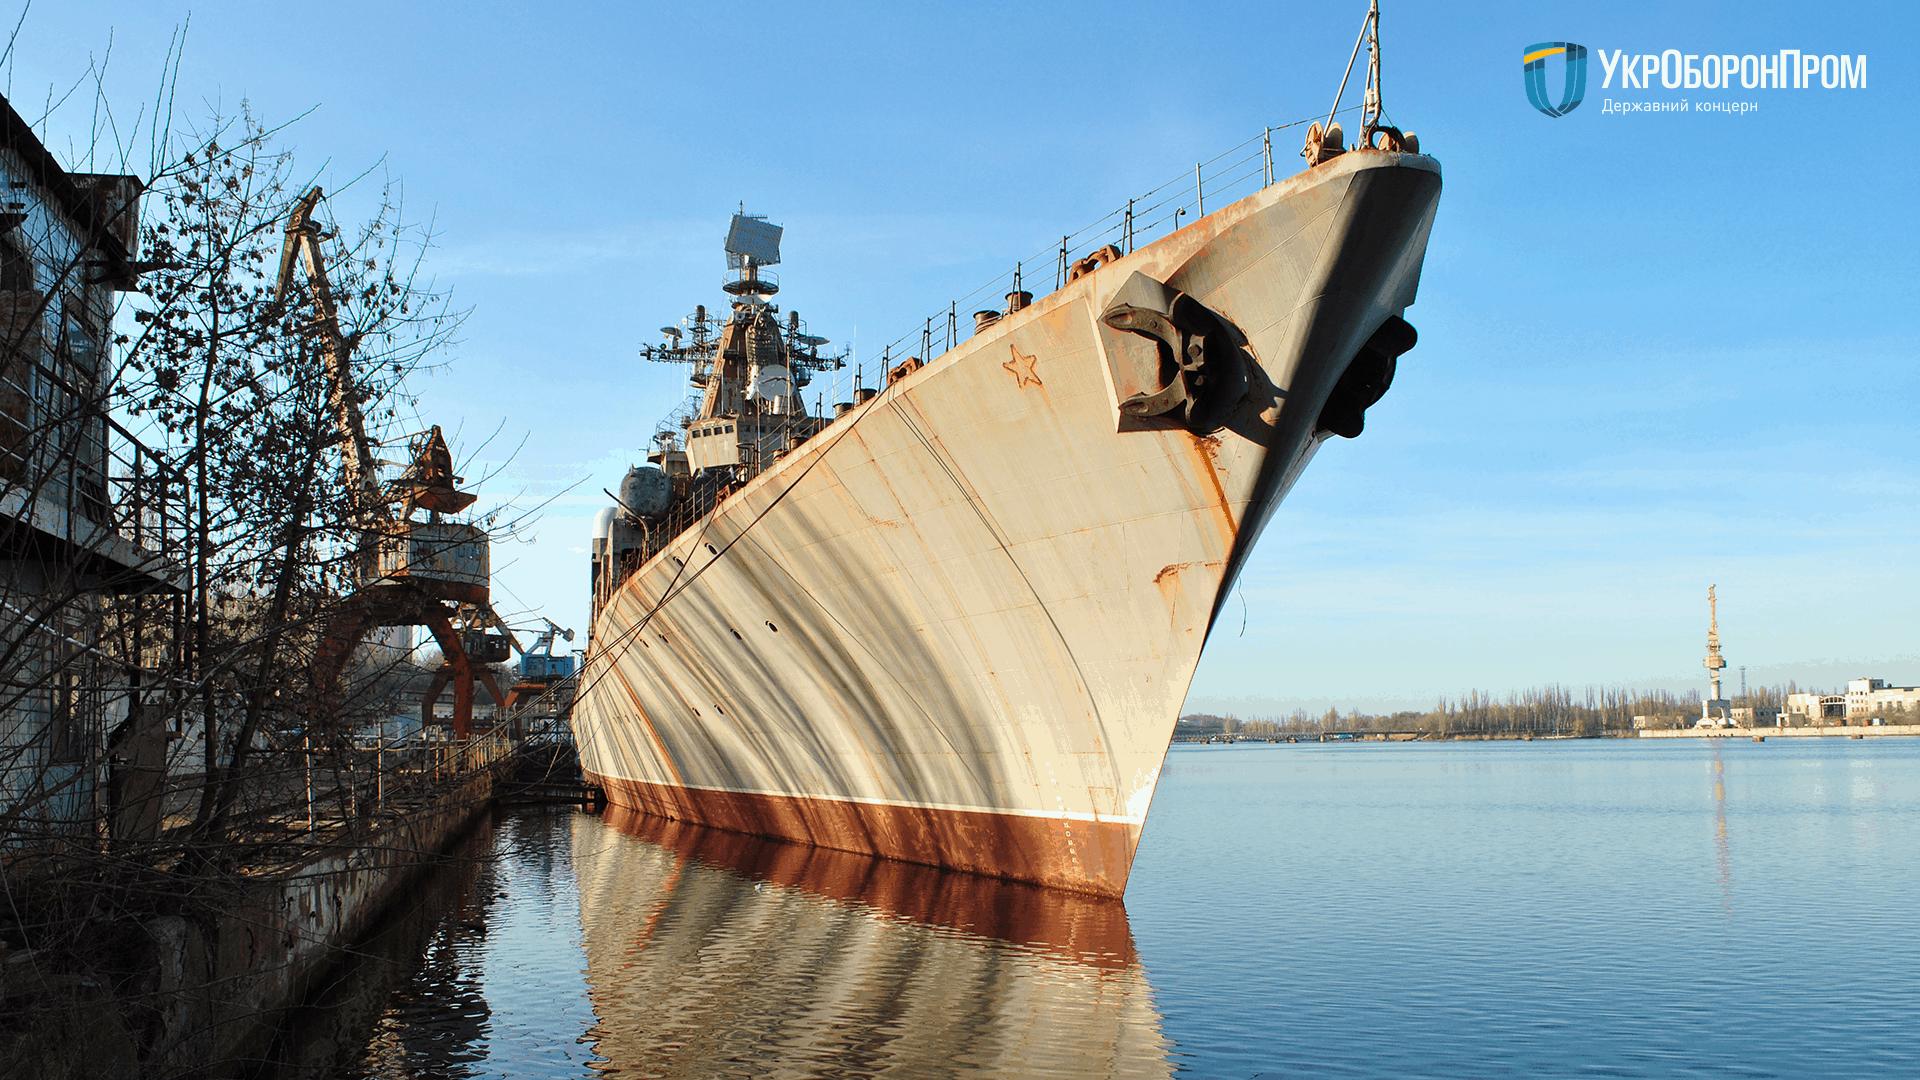 Недобудований корабель проєкту 1164, що знаходиться на території ДП «Миколаївський суднобудівний завод»